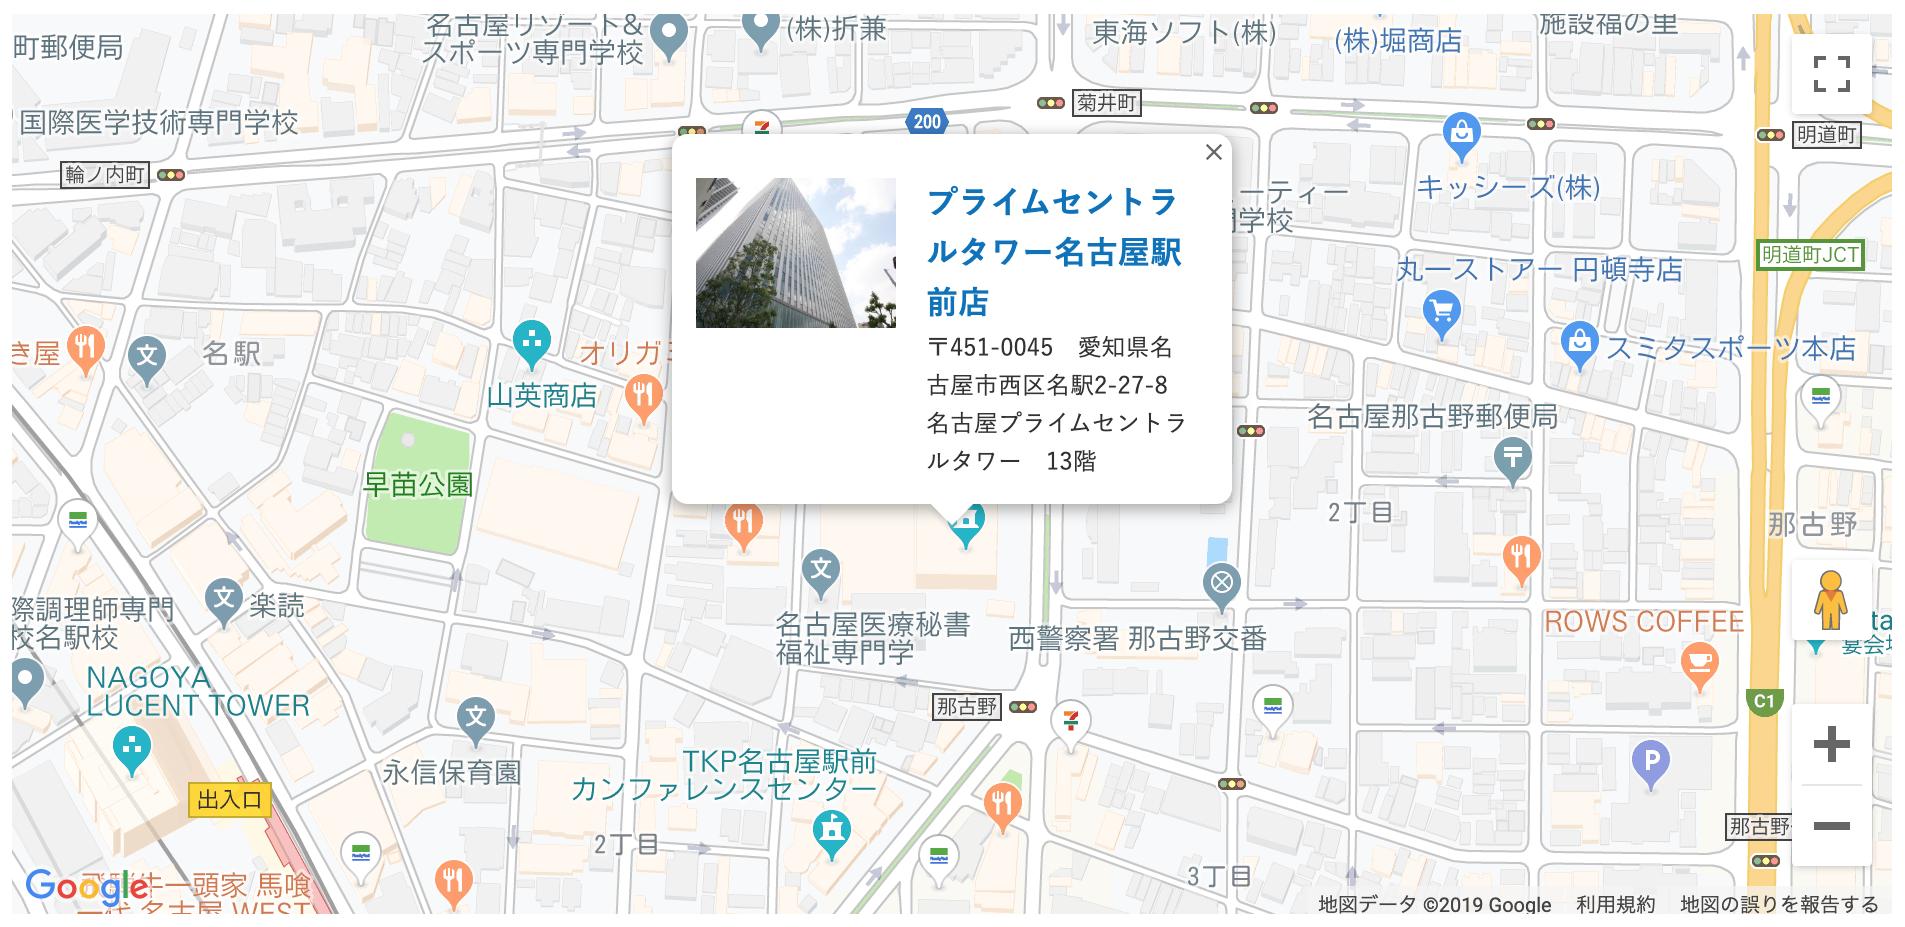 名古屋会場アクセス